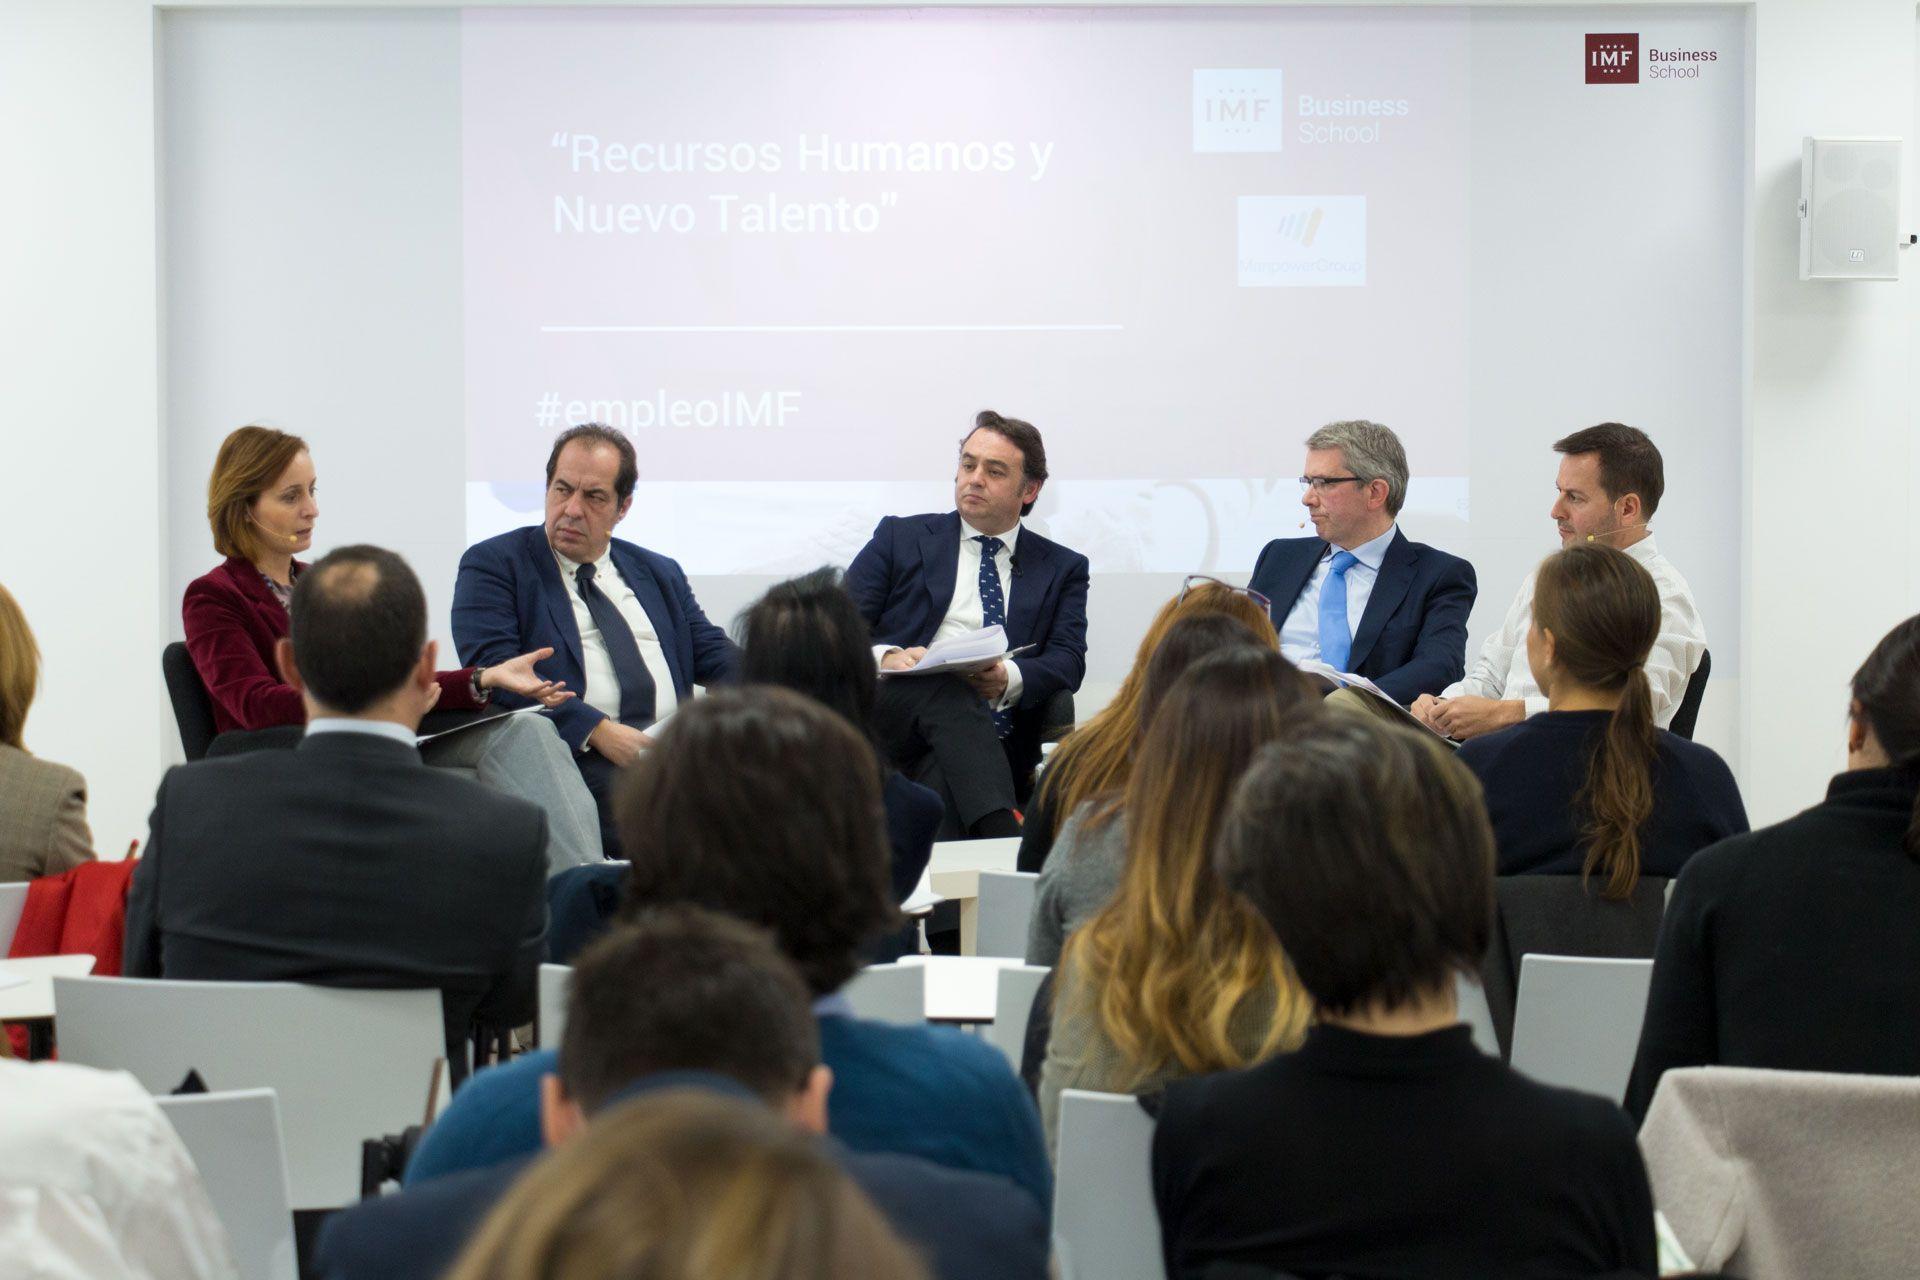 Foto de Mesa redonda IMF Business School_'El talento necesario para